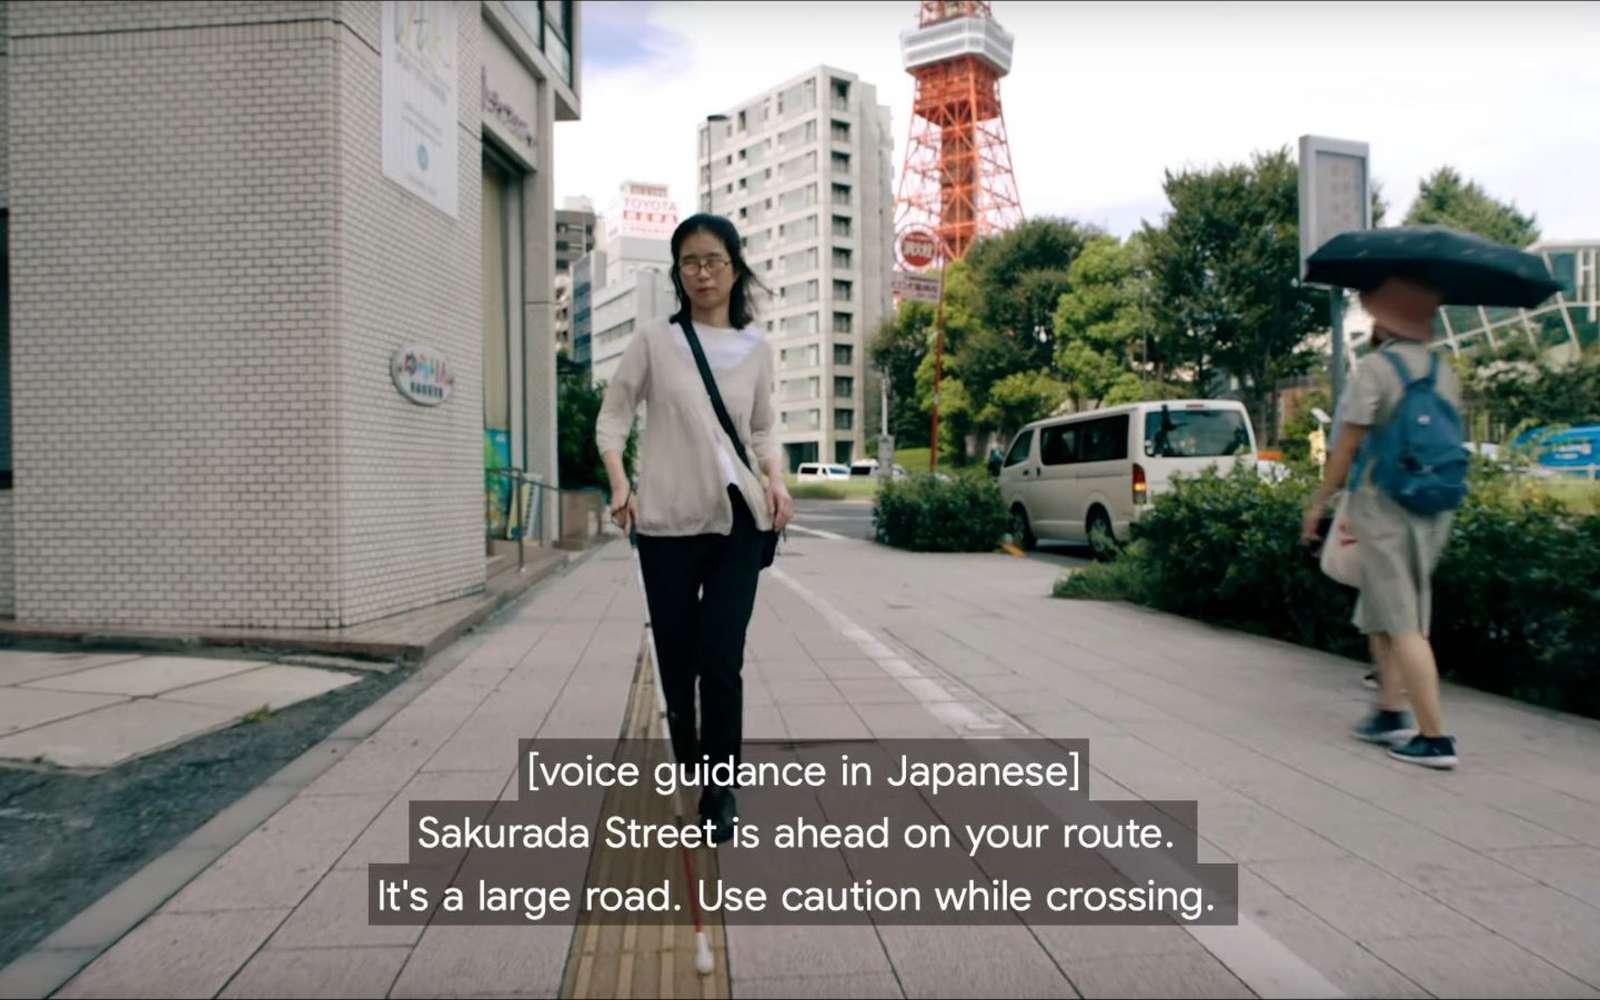 Le guidage vocal détaillé permet ainsi de laisser son smartphone dans sa poche et de ne pas être obligé de regarder l'écran en permanence. © Google